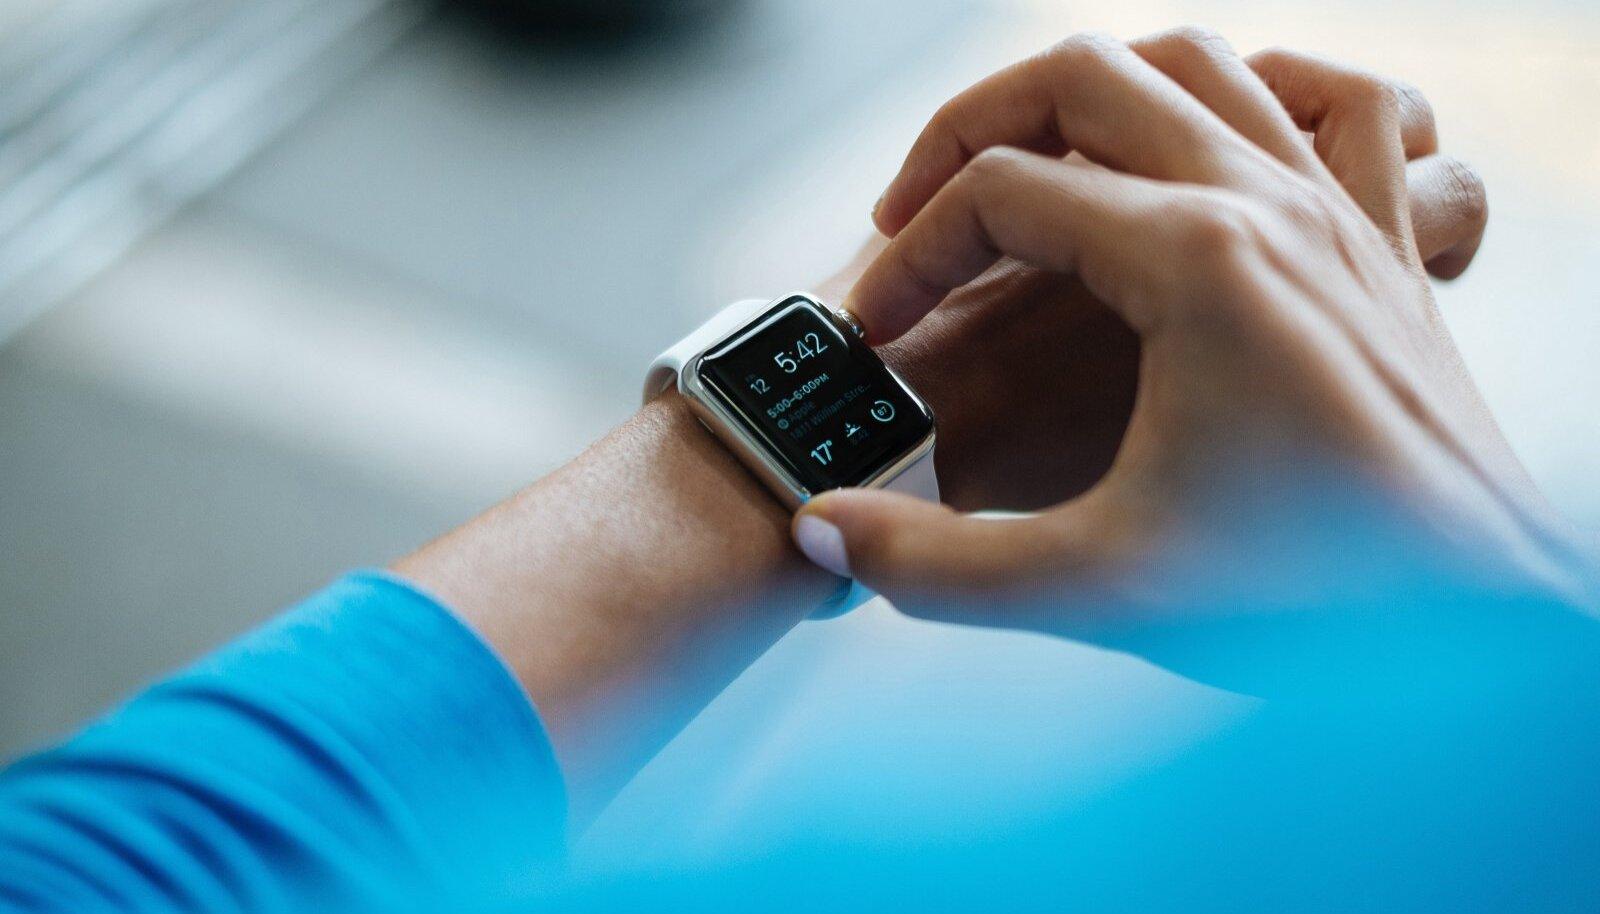 Nutikell randmel on muutumas justkui kohustuslikuks aksessuaariks, mis muu hulgas ka tervist monitoorida aitab.